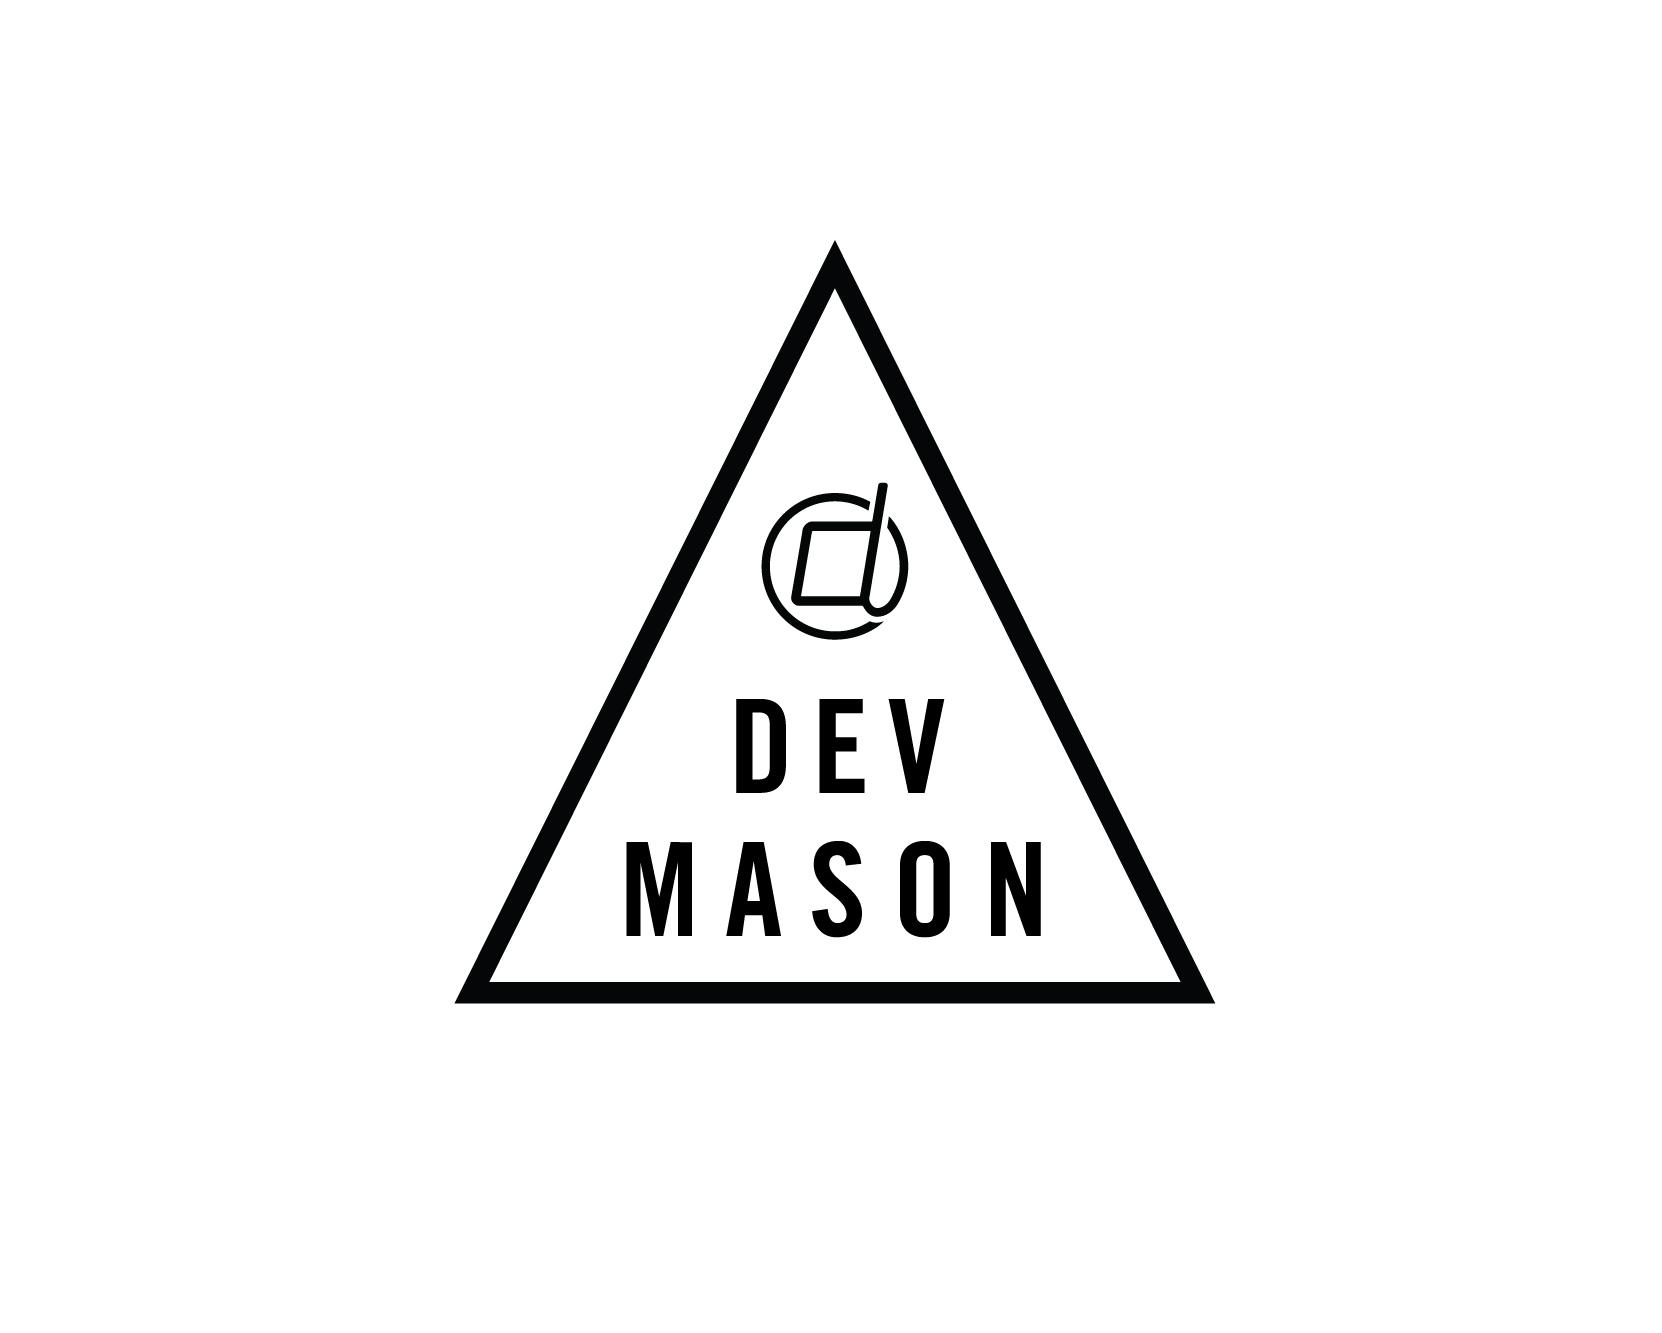 DevMason.jpg